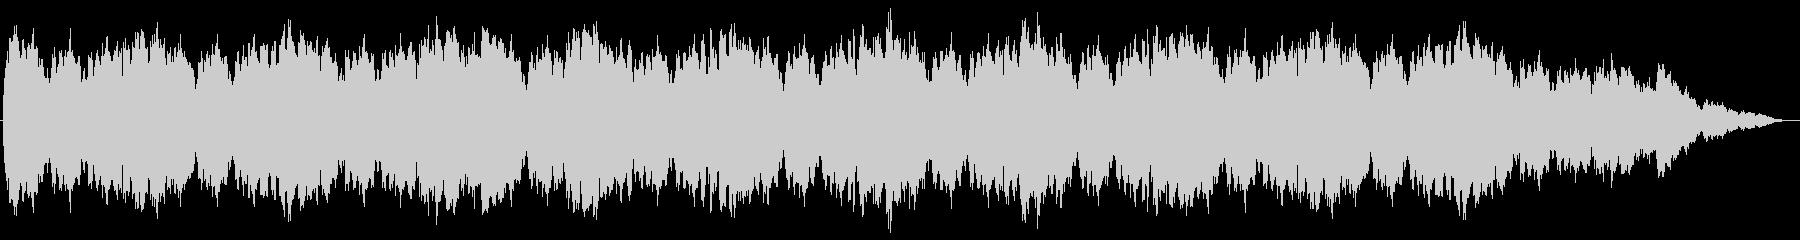 スロウテンポ、苦悩を描いたピアノ曲の未再生の波形